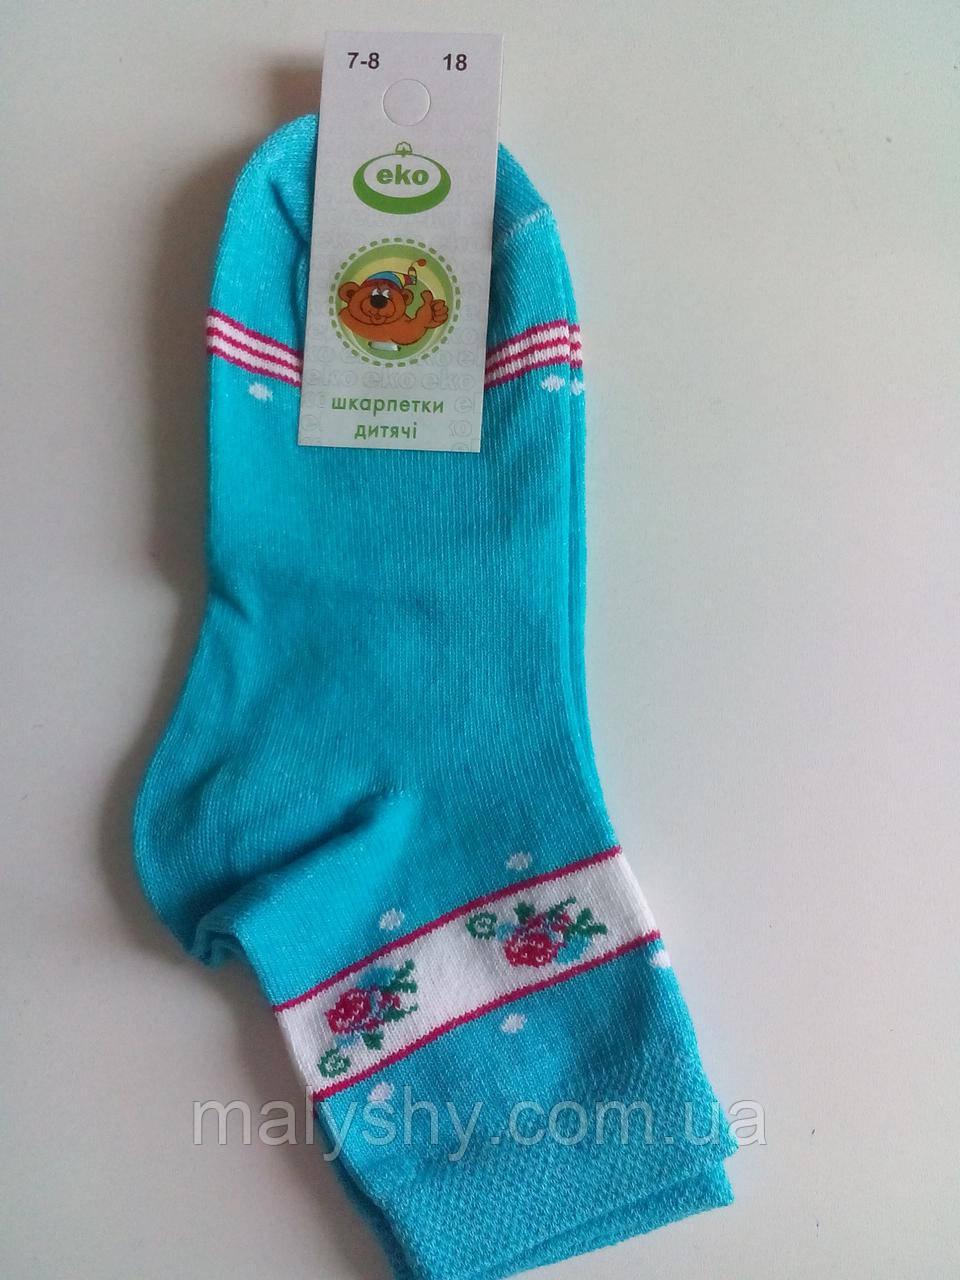 Детские носки демисезонные - Эко 4133 р.18 (шкарпетки дитячі , Еко)